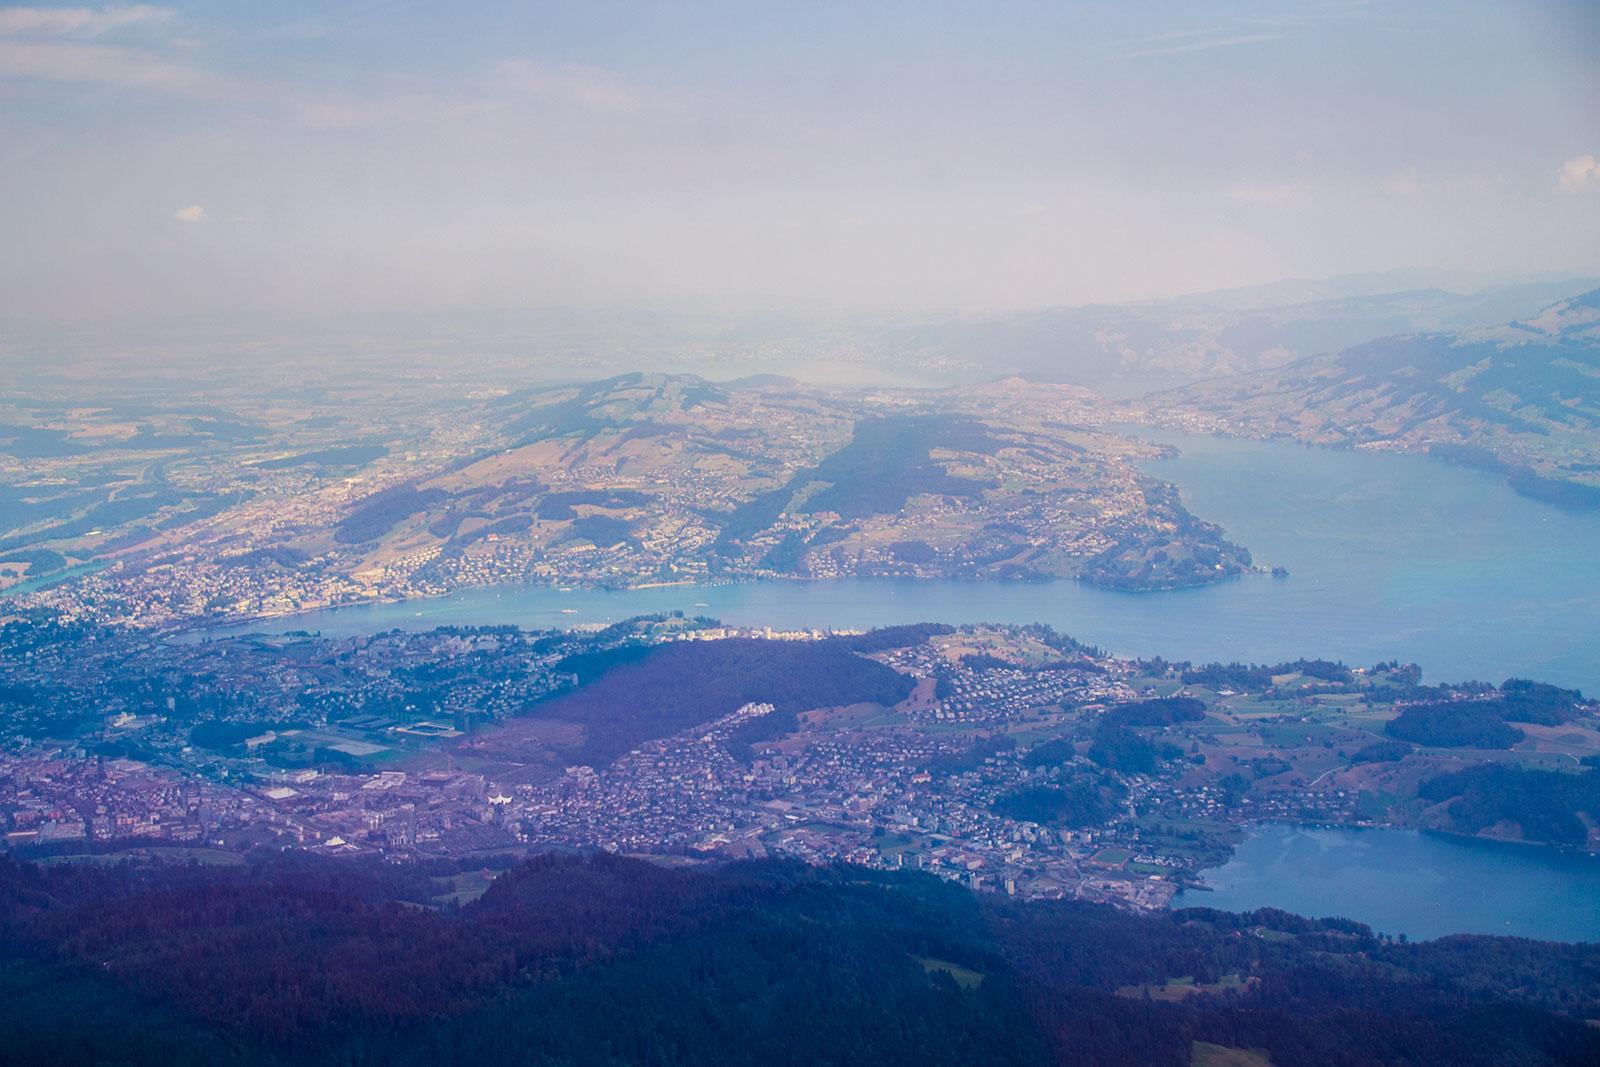 Vistas del lago de Lucerna desde el teleférico - teleférico Monte Pilatus